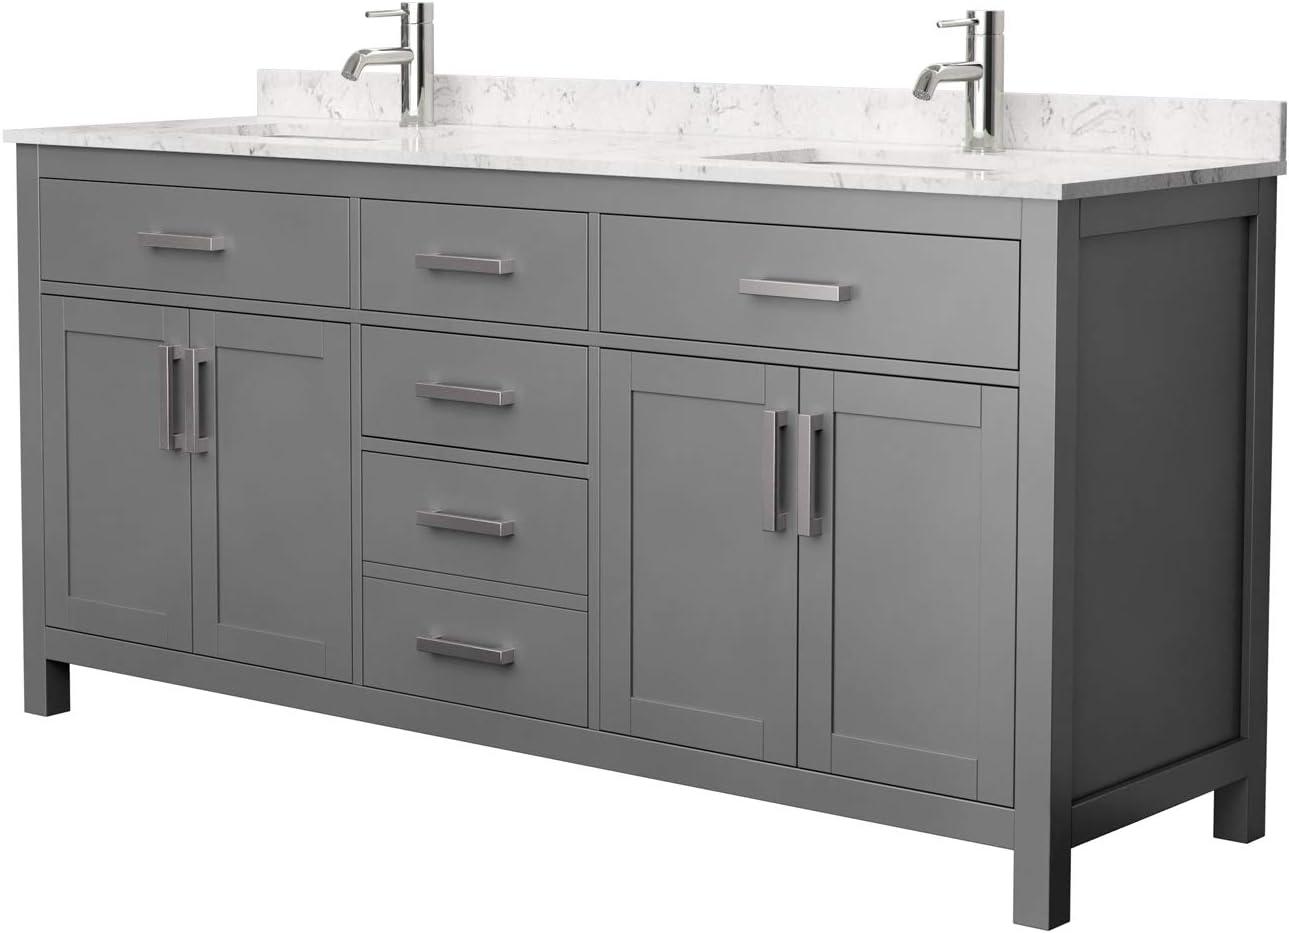 Undermount Square Sinks No Mirror Carrara Cultured Marble Countertop Beckett 72 Inch Double Bathroom Vanity In Dark Gray Bathroom Sink Vanities Accessories Tools Home Improvement Fcteutonia05 De